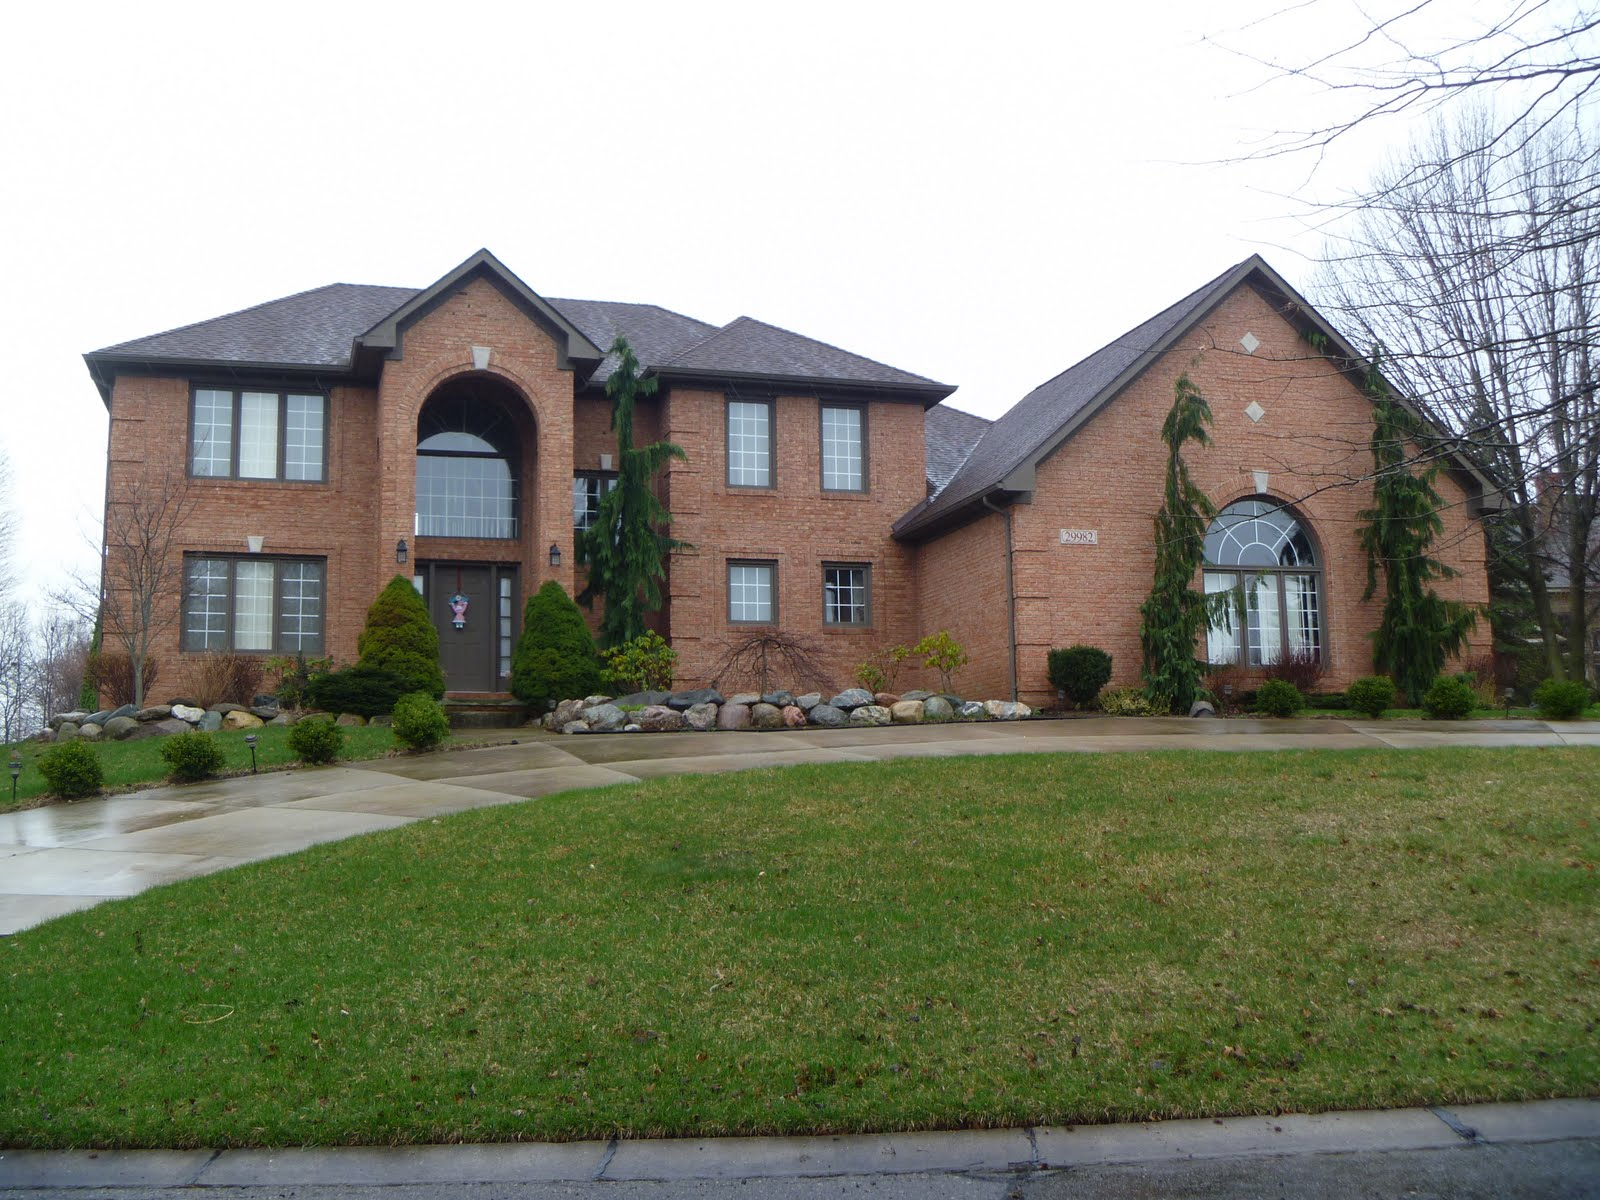 Homes For Sale In Farmington Hills MI Blog: Subdivision